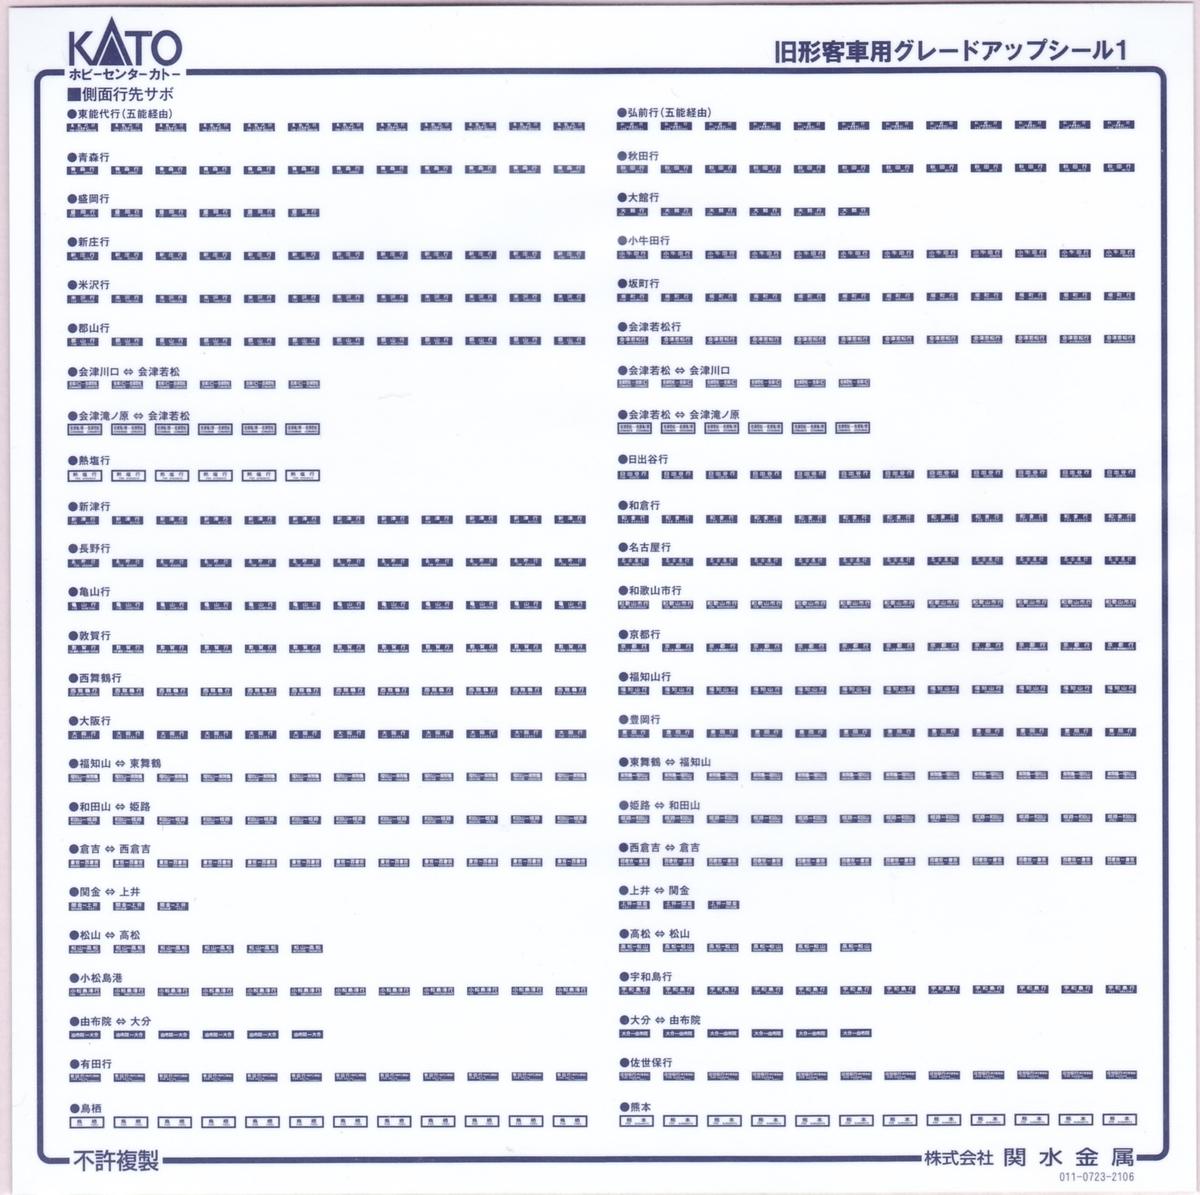 f:id:hiro989:20211007220716j:plain